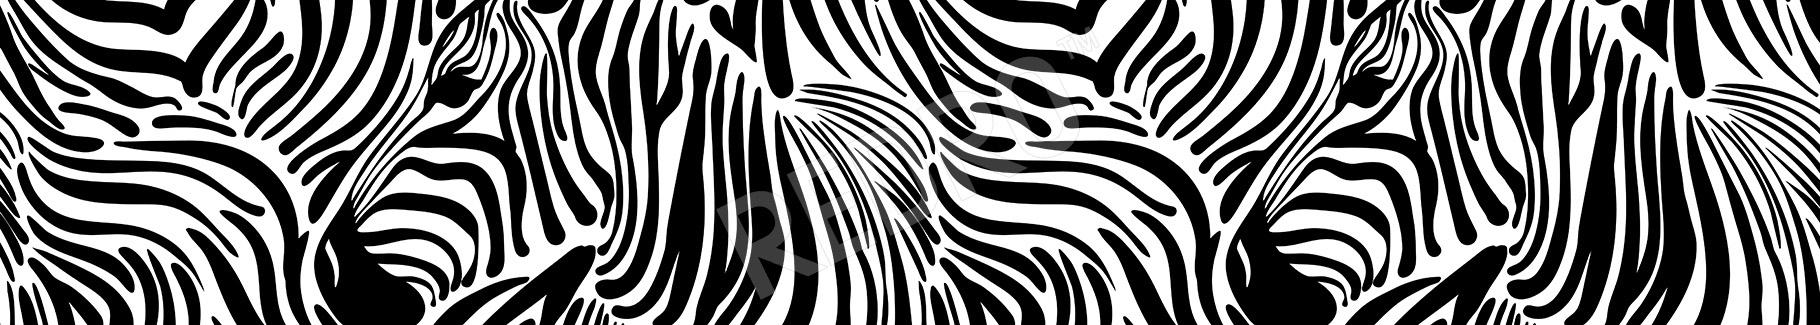 Naklejka paski zebry